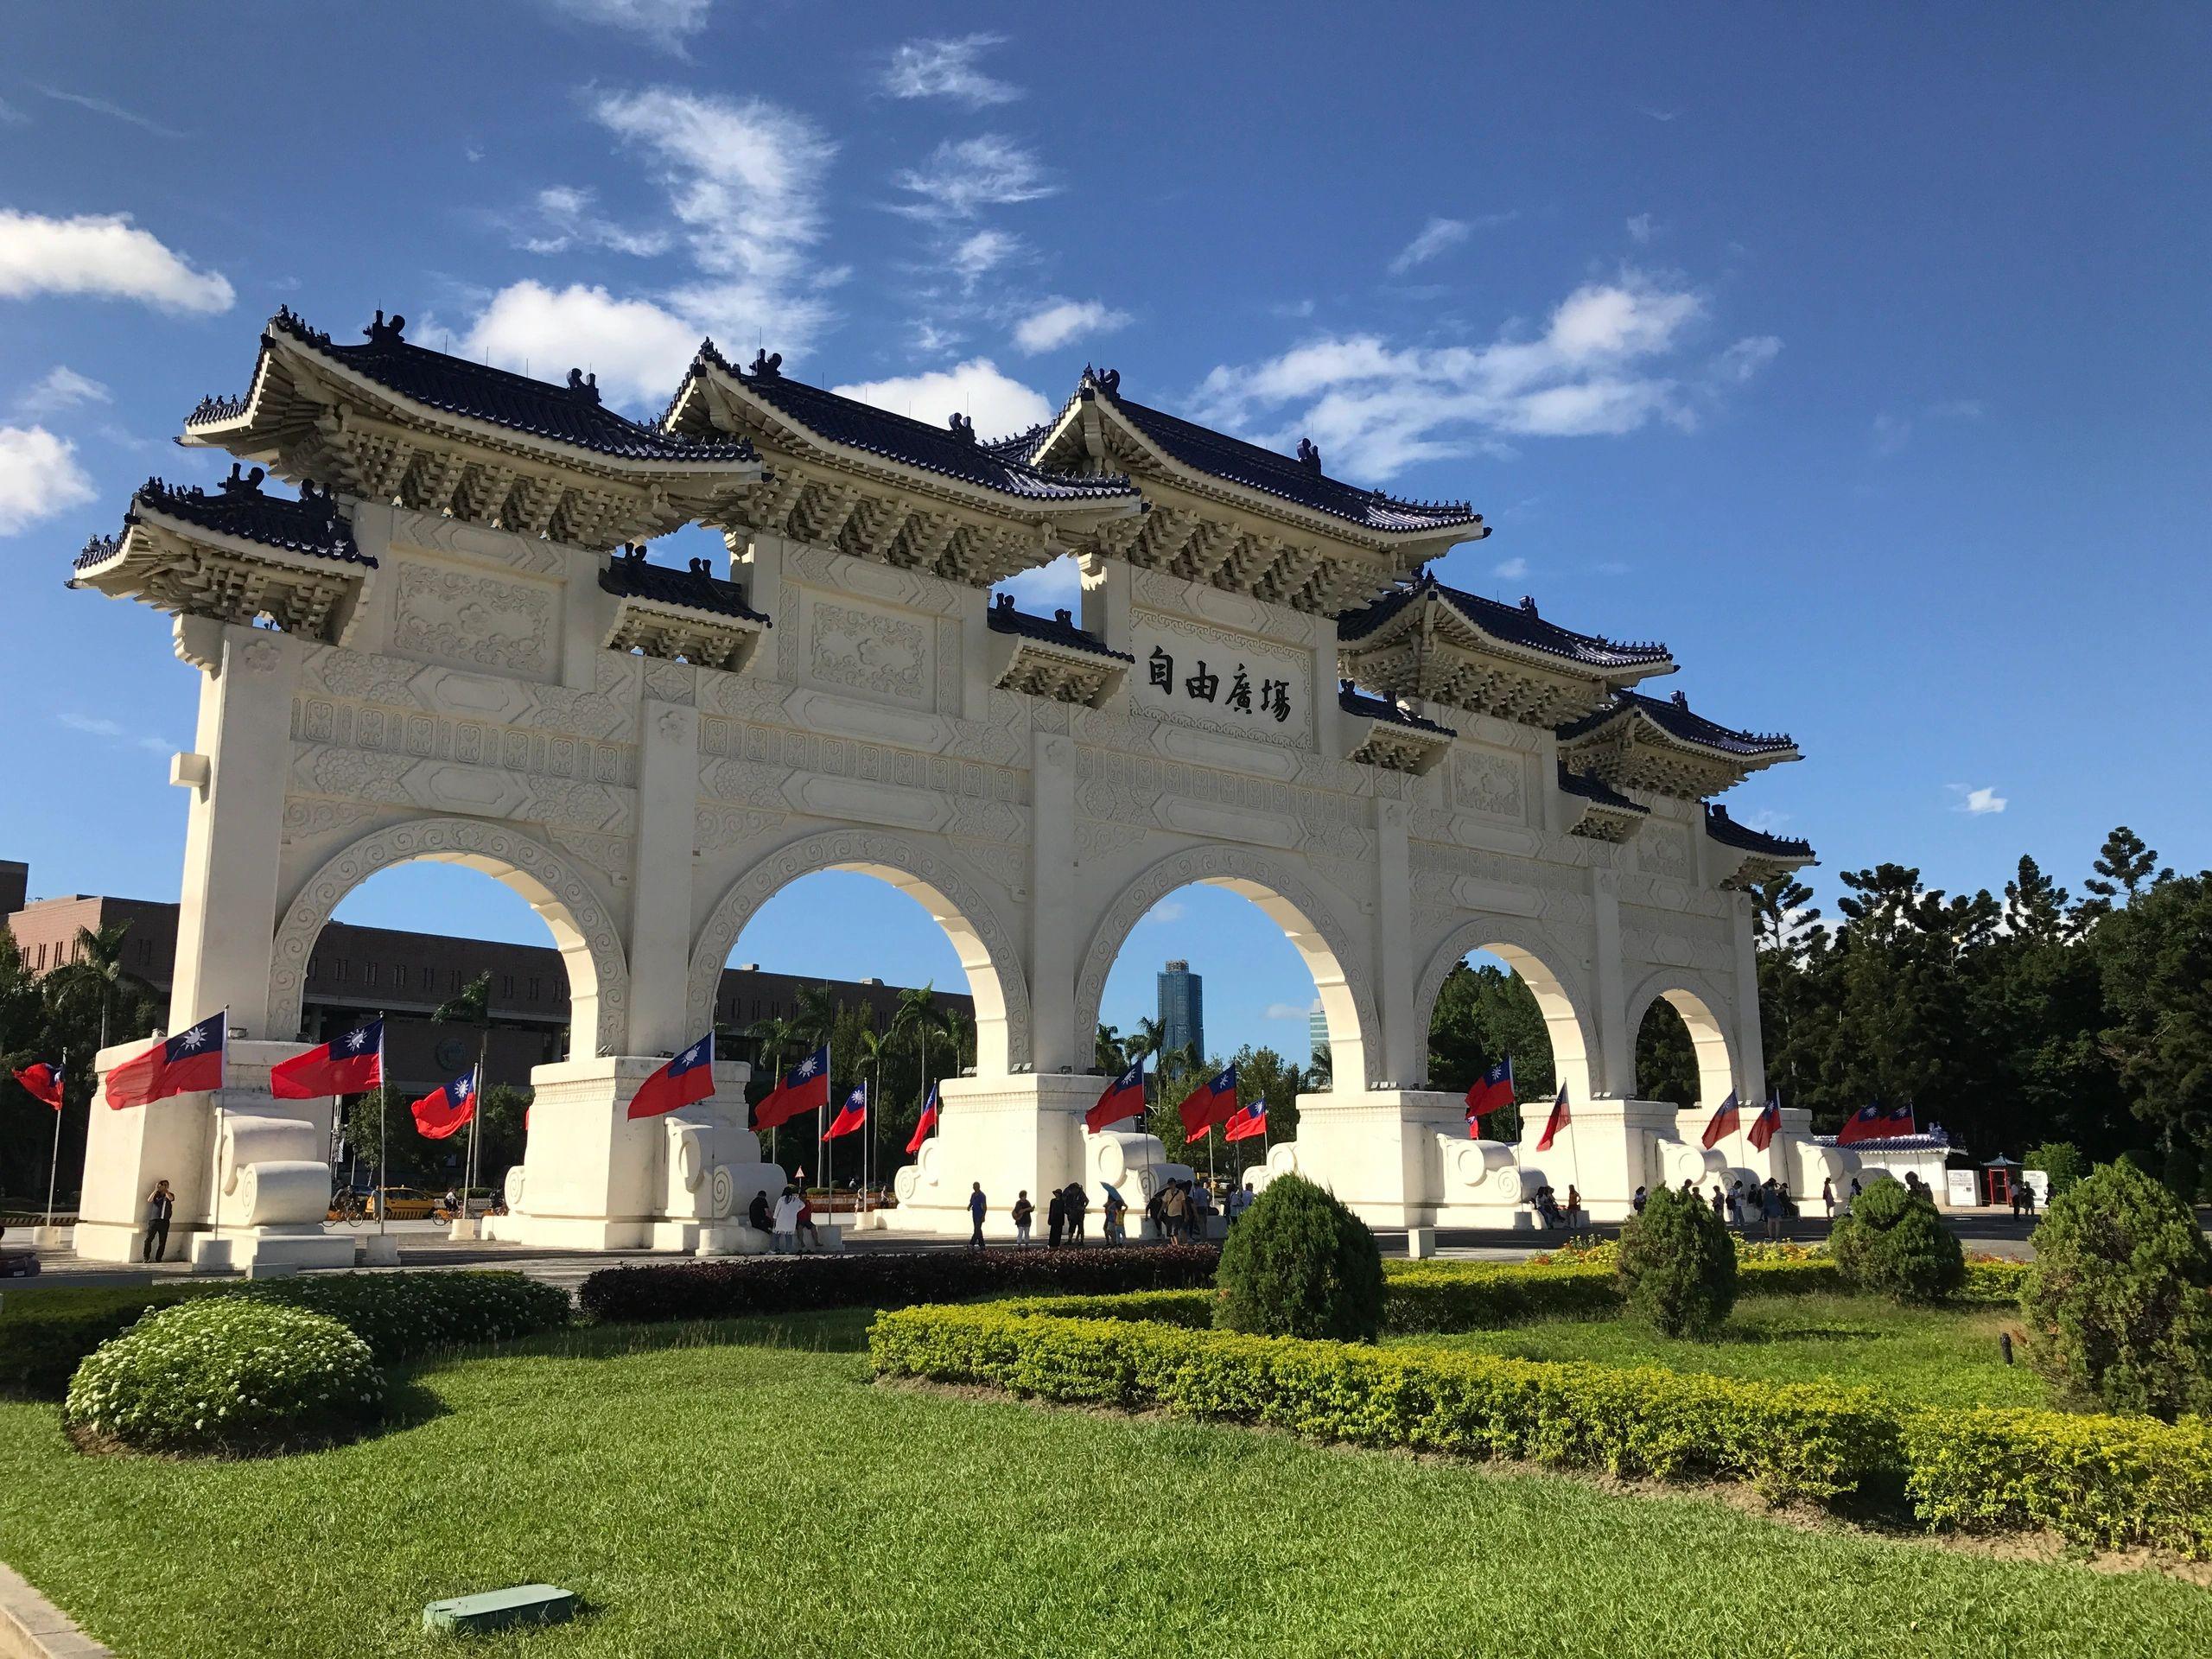 Jiang Kai Shek Memorial in Taipei. Photo by Ben Mega